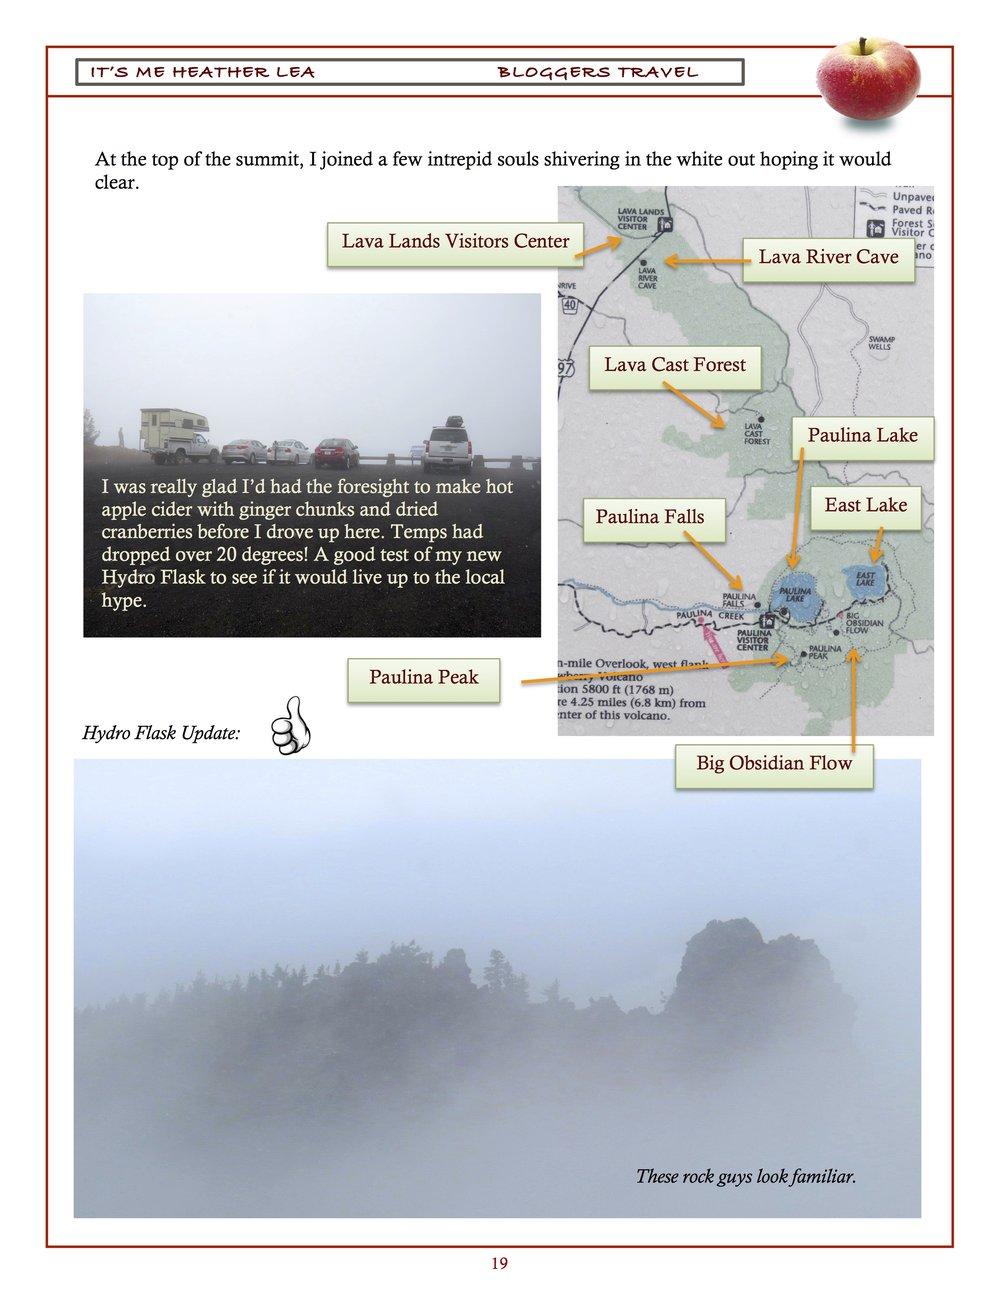 CO Trip Newsletter Revised 19.jpg